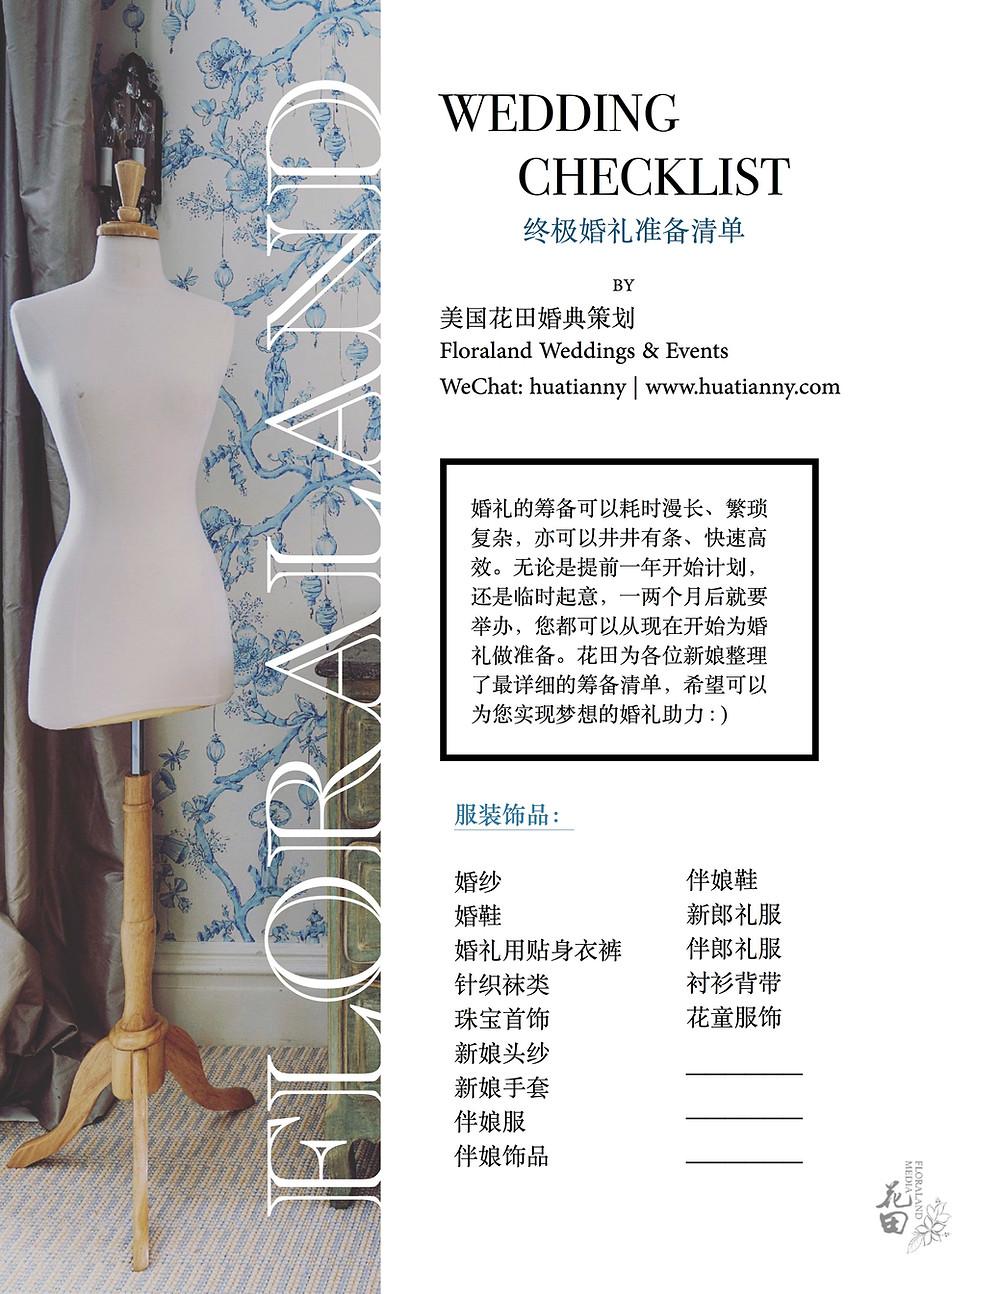 美国婚礼准备清单 Wedding Checklist